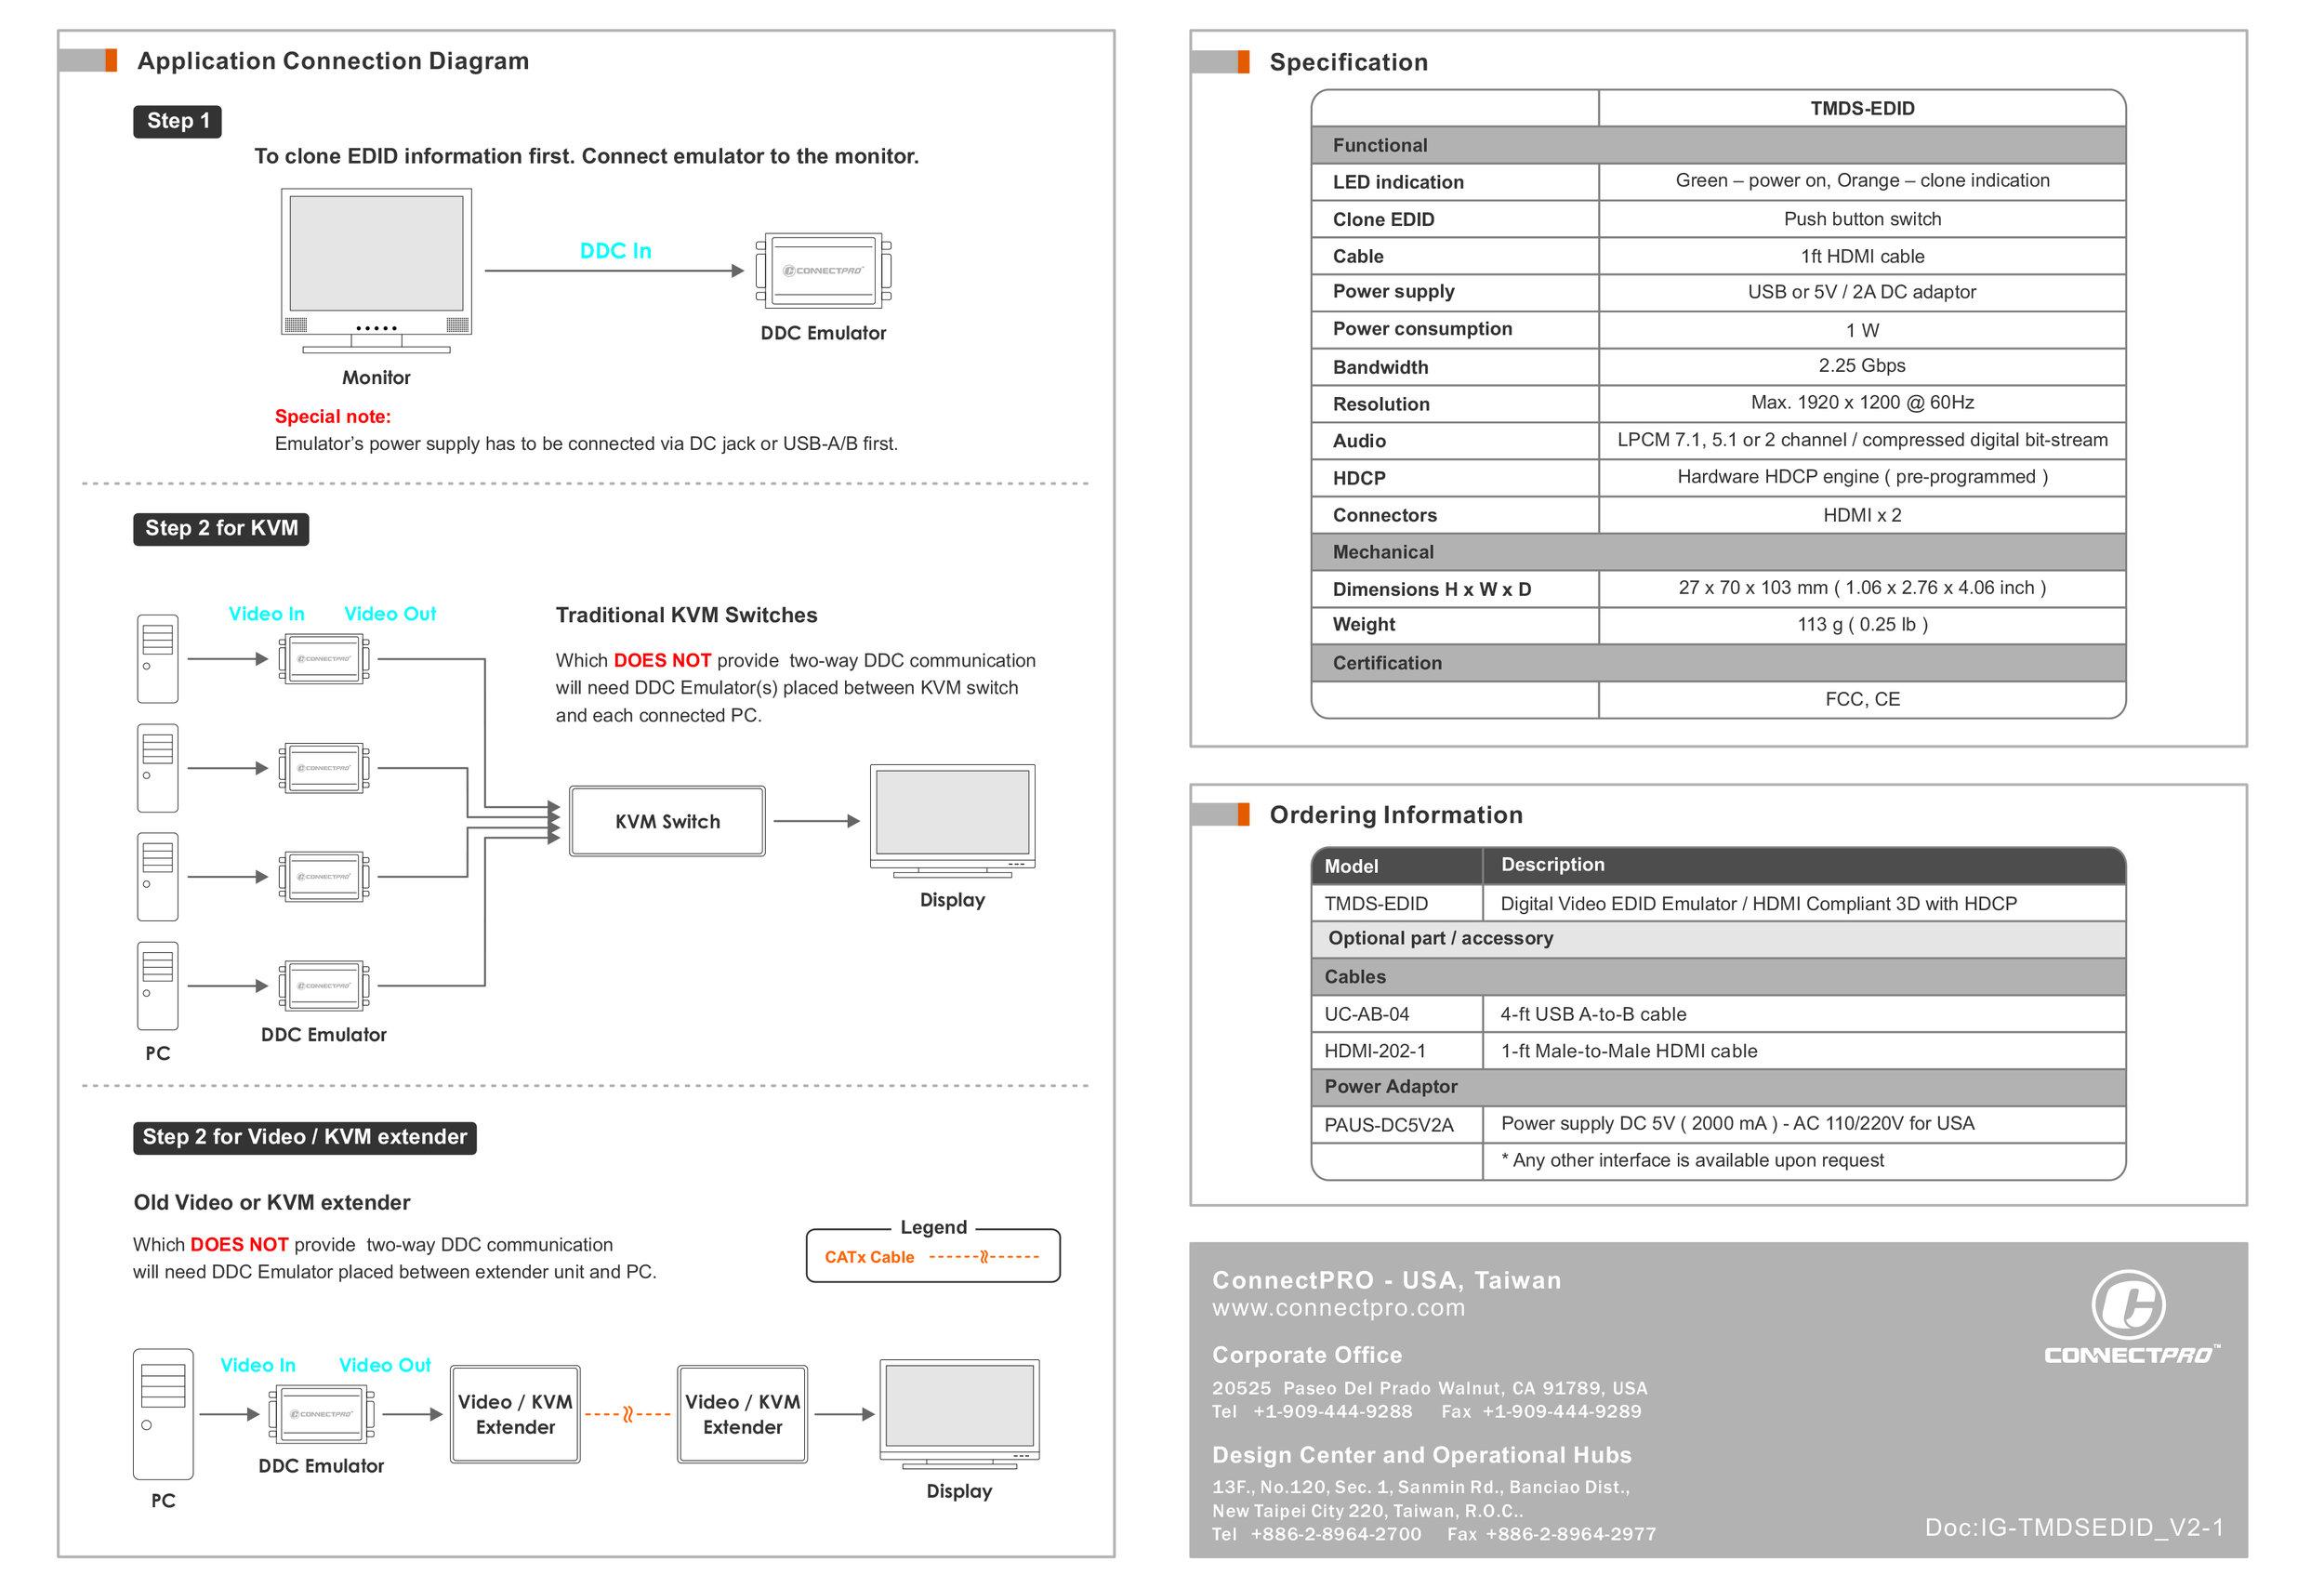 TMDSEDID_guide_V2_120516_print-1_2.jpg